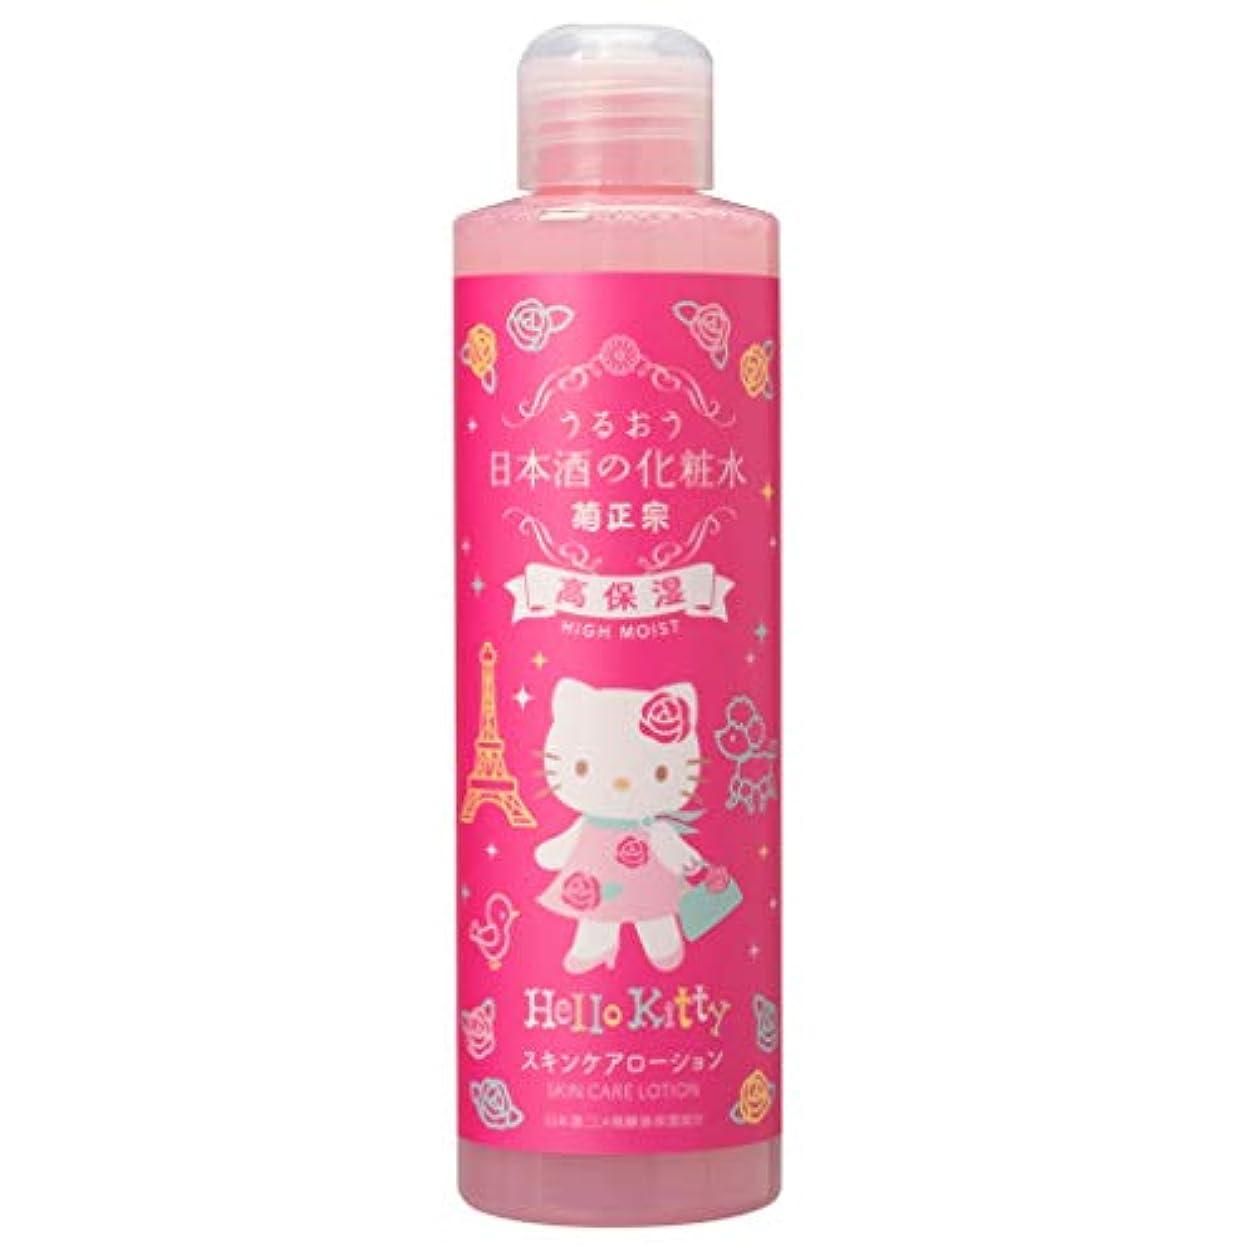 壮大な著名なホーン菊正宗 日本酒の化粧水 高保湿 キティボトル 200ml